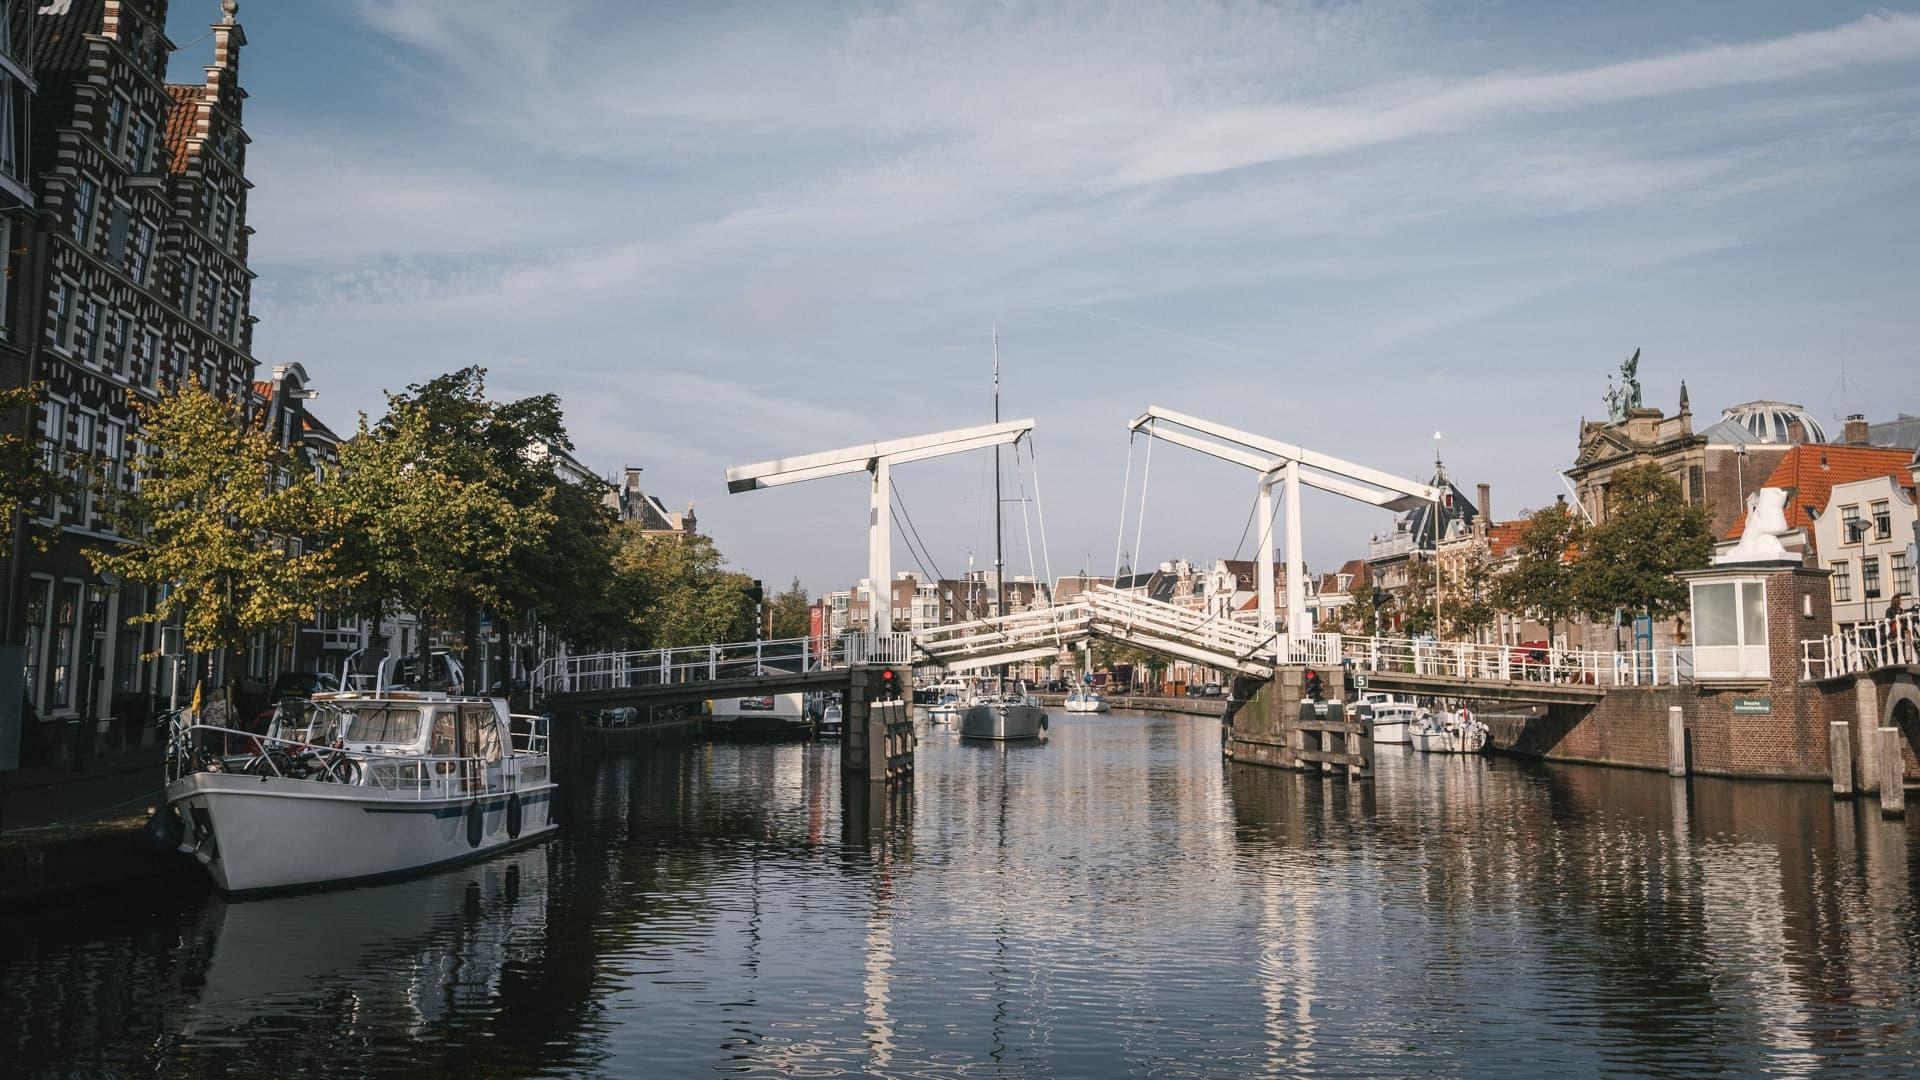 Les ponts à Haarlem